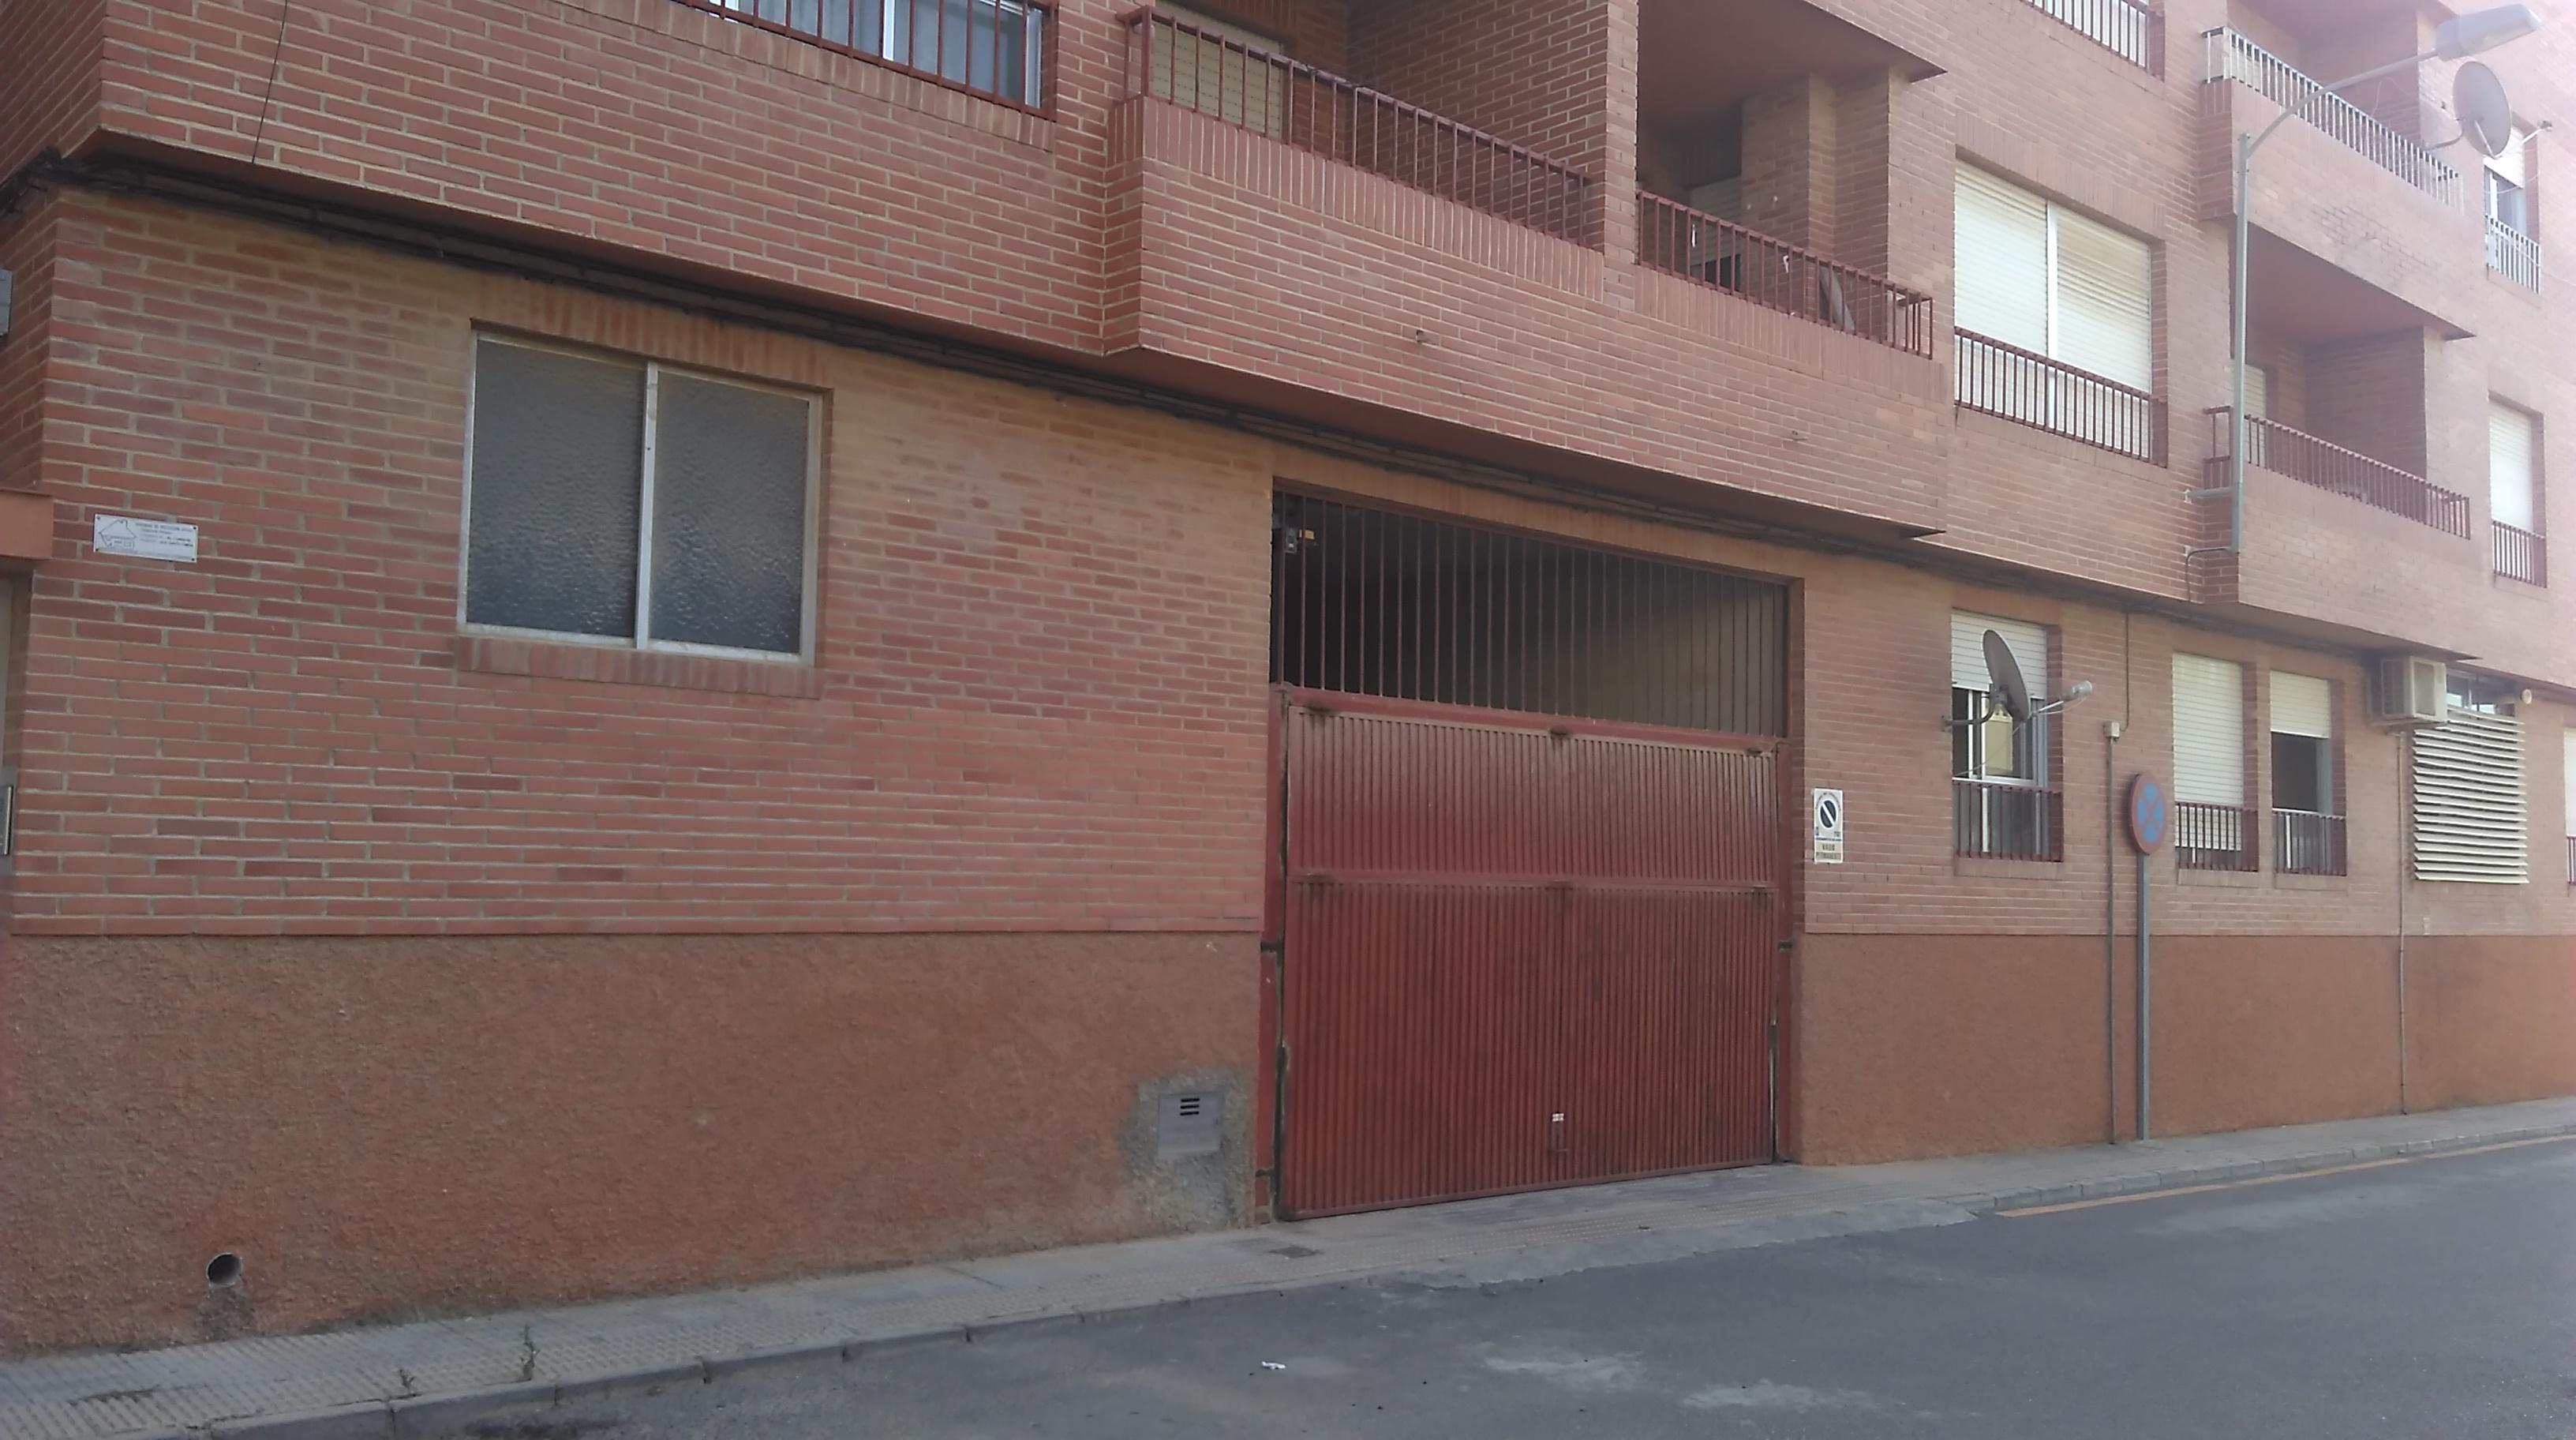 Piso en venta en San Javier, Murcia, Calle del Sol, 66.000 €, 3 habitaciones, 1 baño, 100 m2